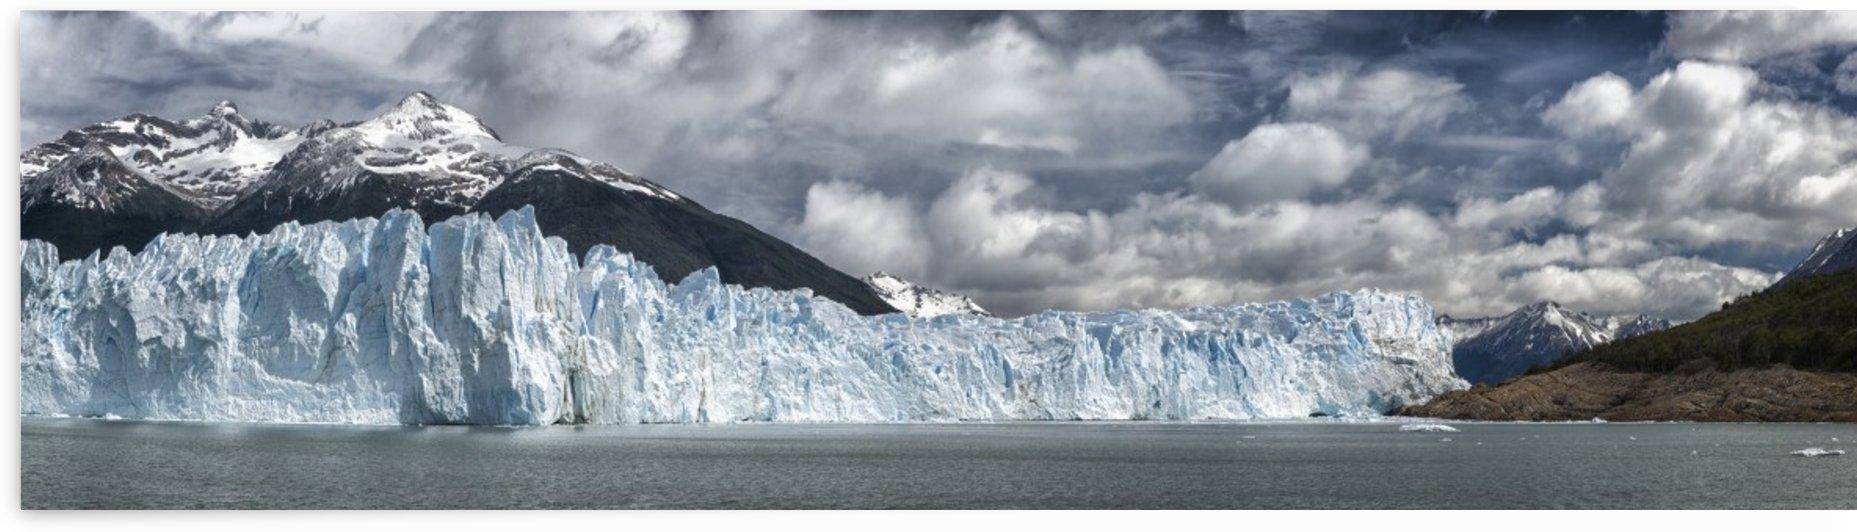 Perito Moreno Glacier off the South Patagonian Ice Field, Los Glaciares National Park; Santa Cruz Province, Argentina by PacificStock